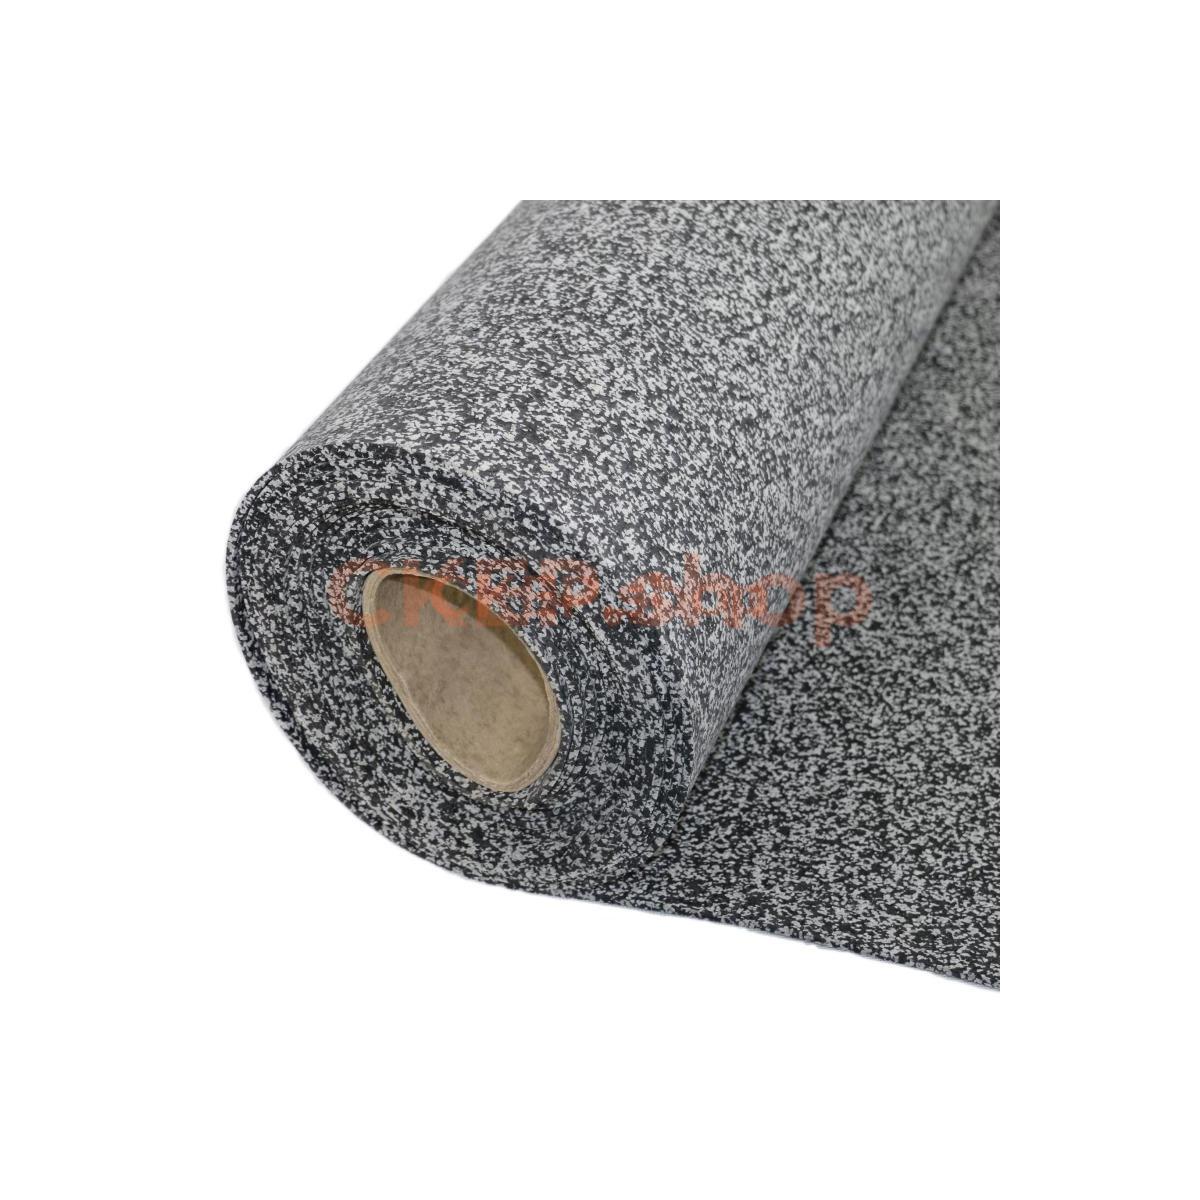 Покрытие резиновое рулонное EPDM 50%, 4 мм, серый